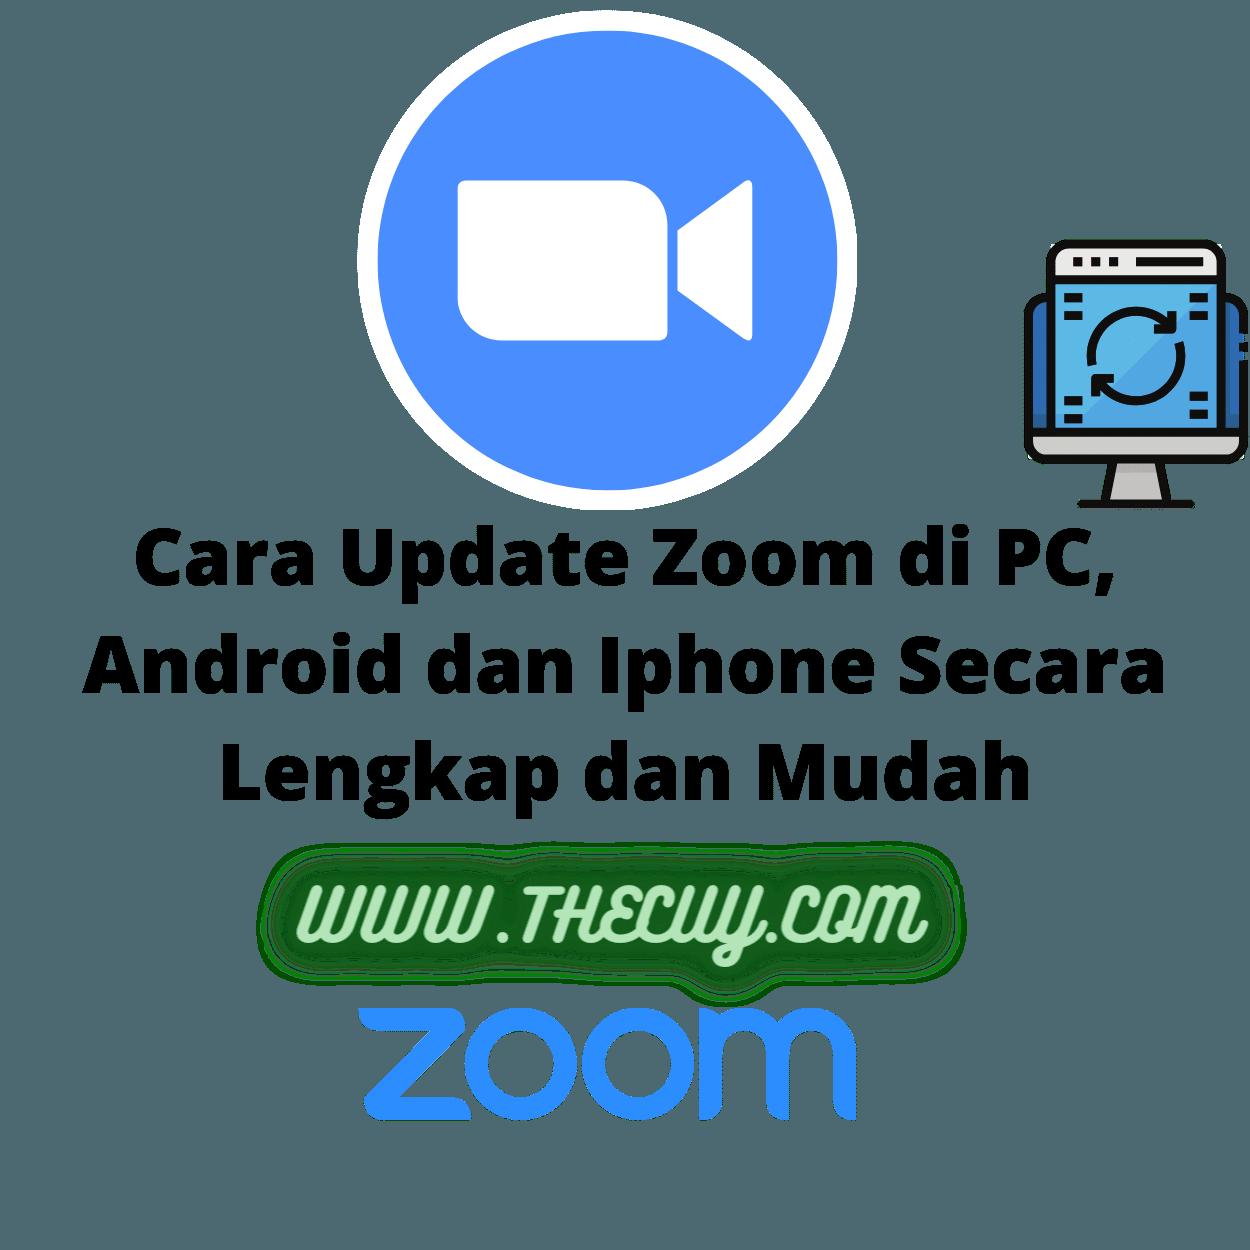 Cara Update Zoom di PC, Android dan Iphone Secara Lengkap dan Mudah